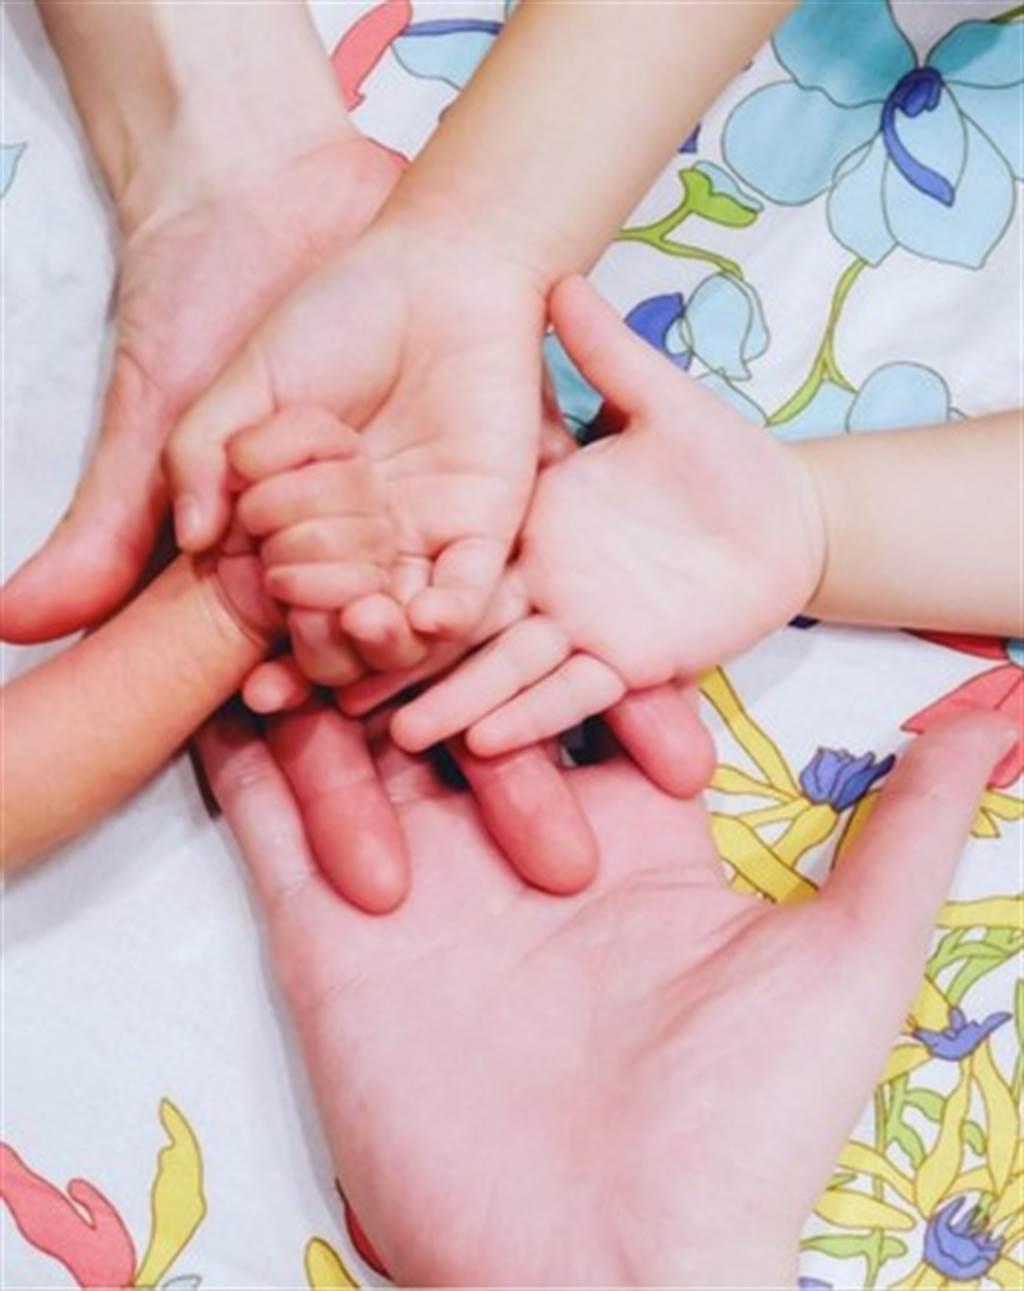 橘慶太今日突然秀出一家五口的手掌交疊照。圖/摘自IG